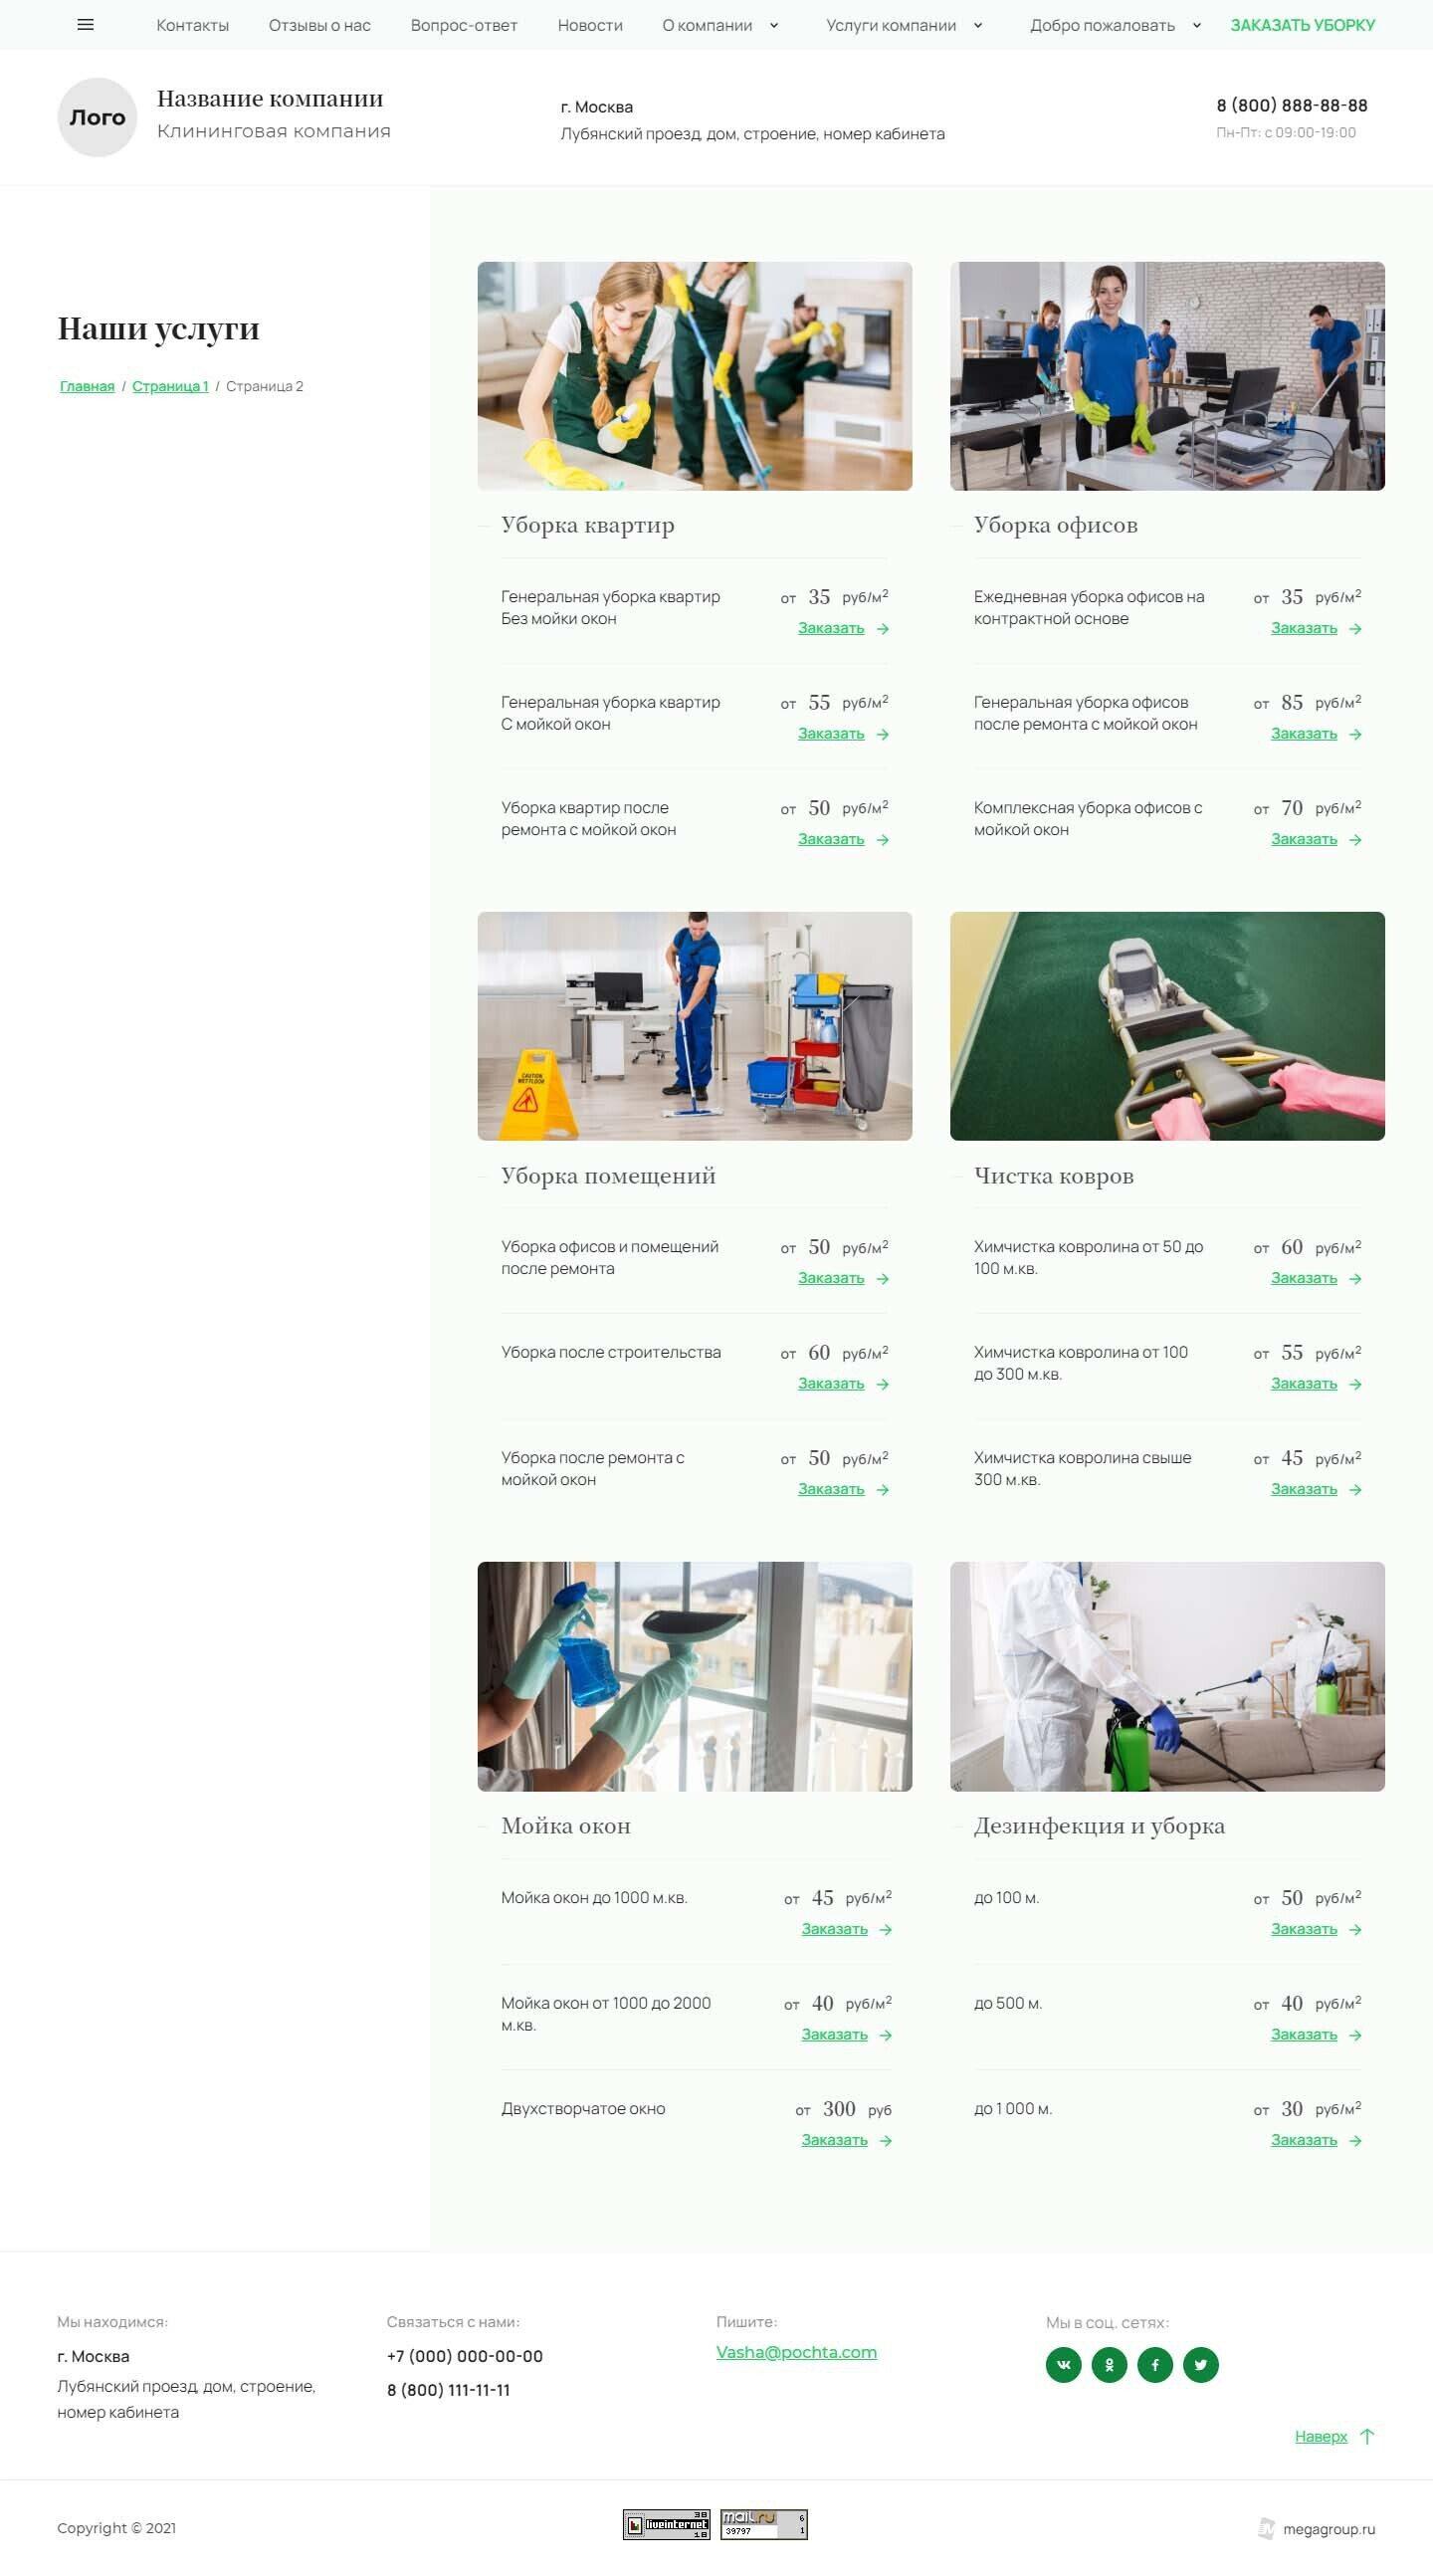 Готовый Сайт-Бизнес #2785766 - Клининговые услуги (Услуги компании)